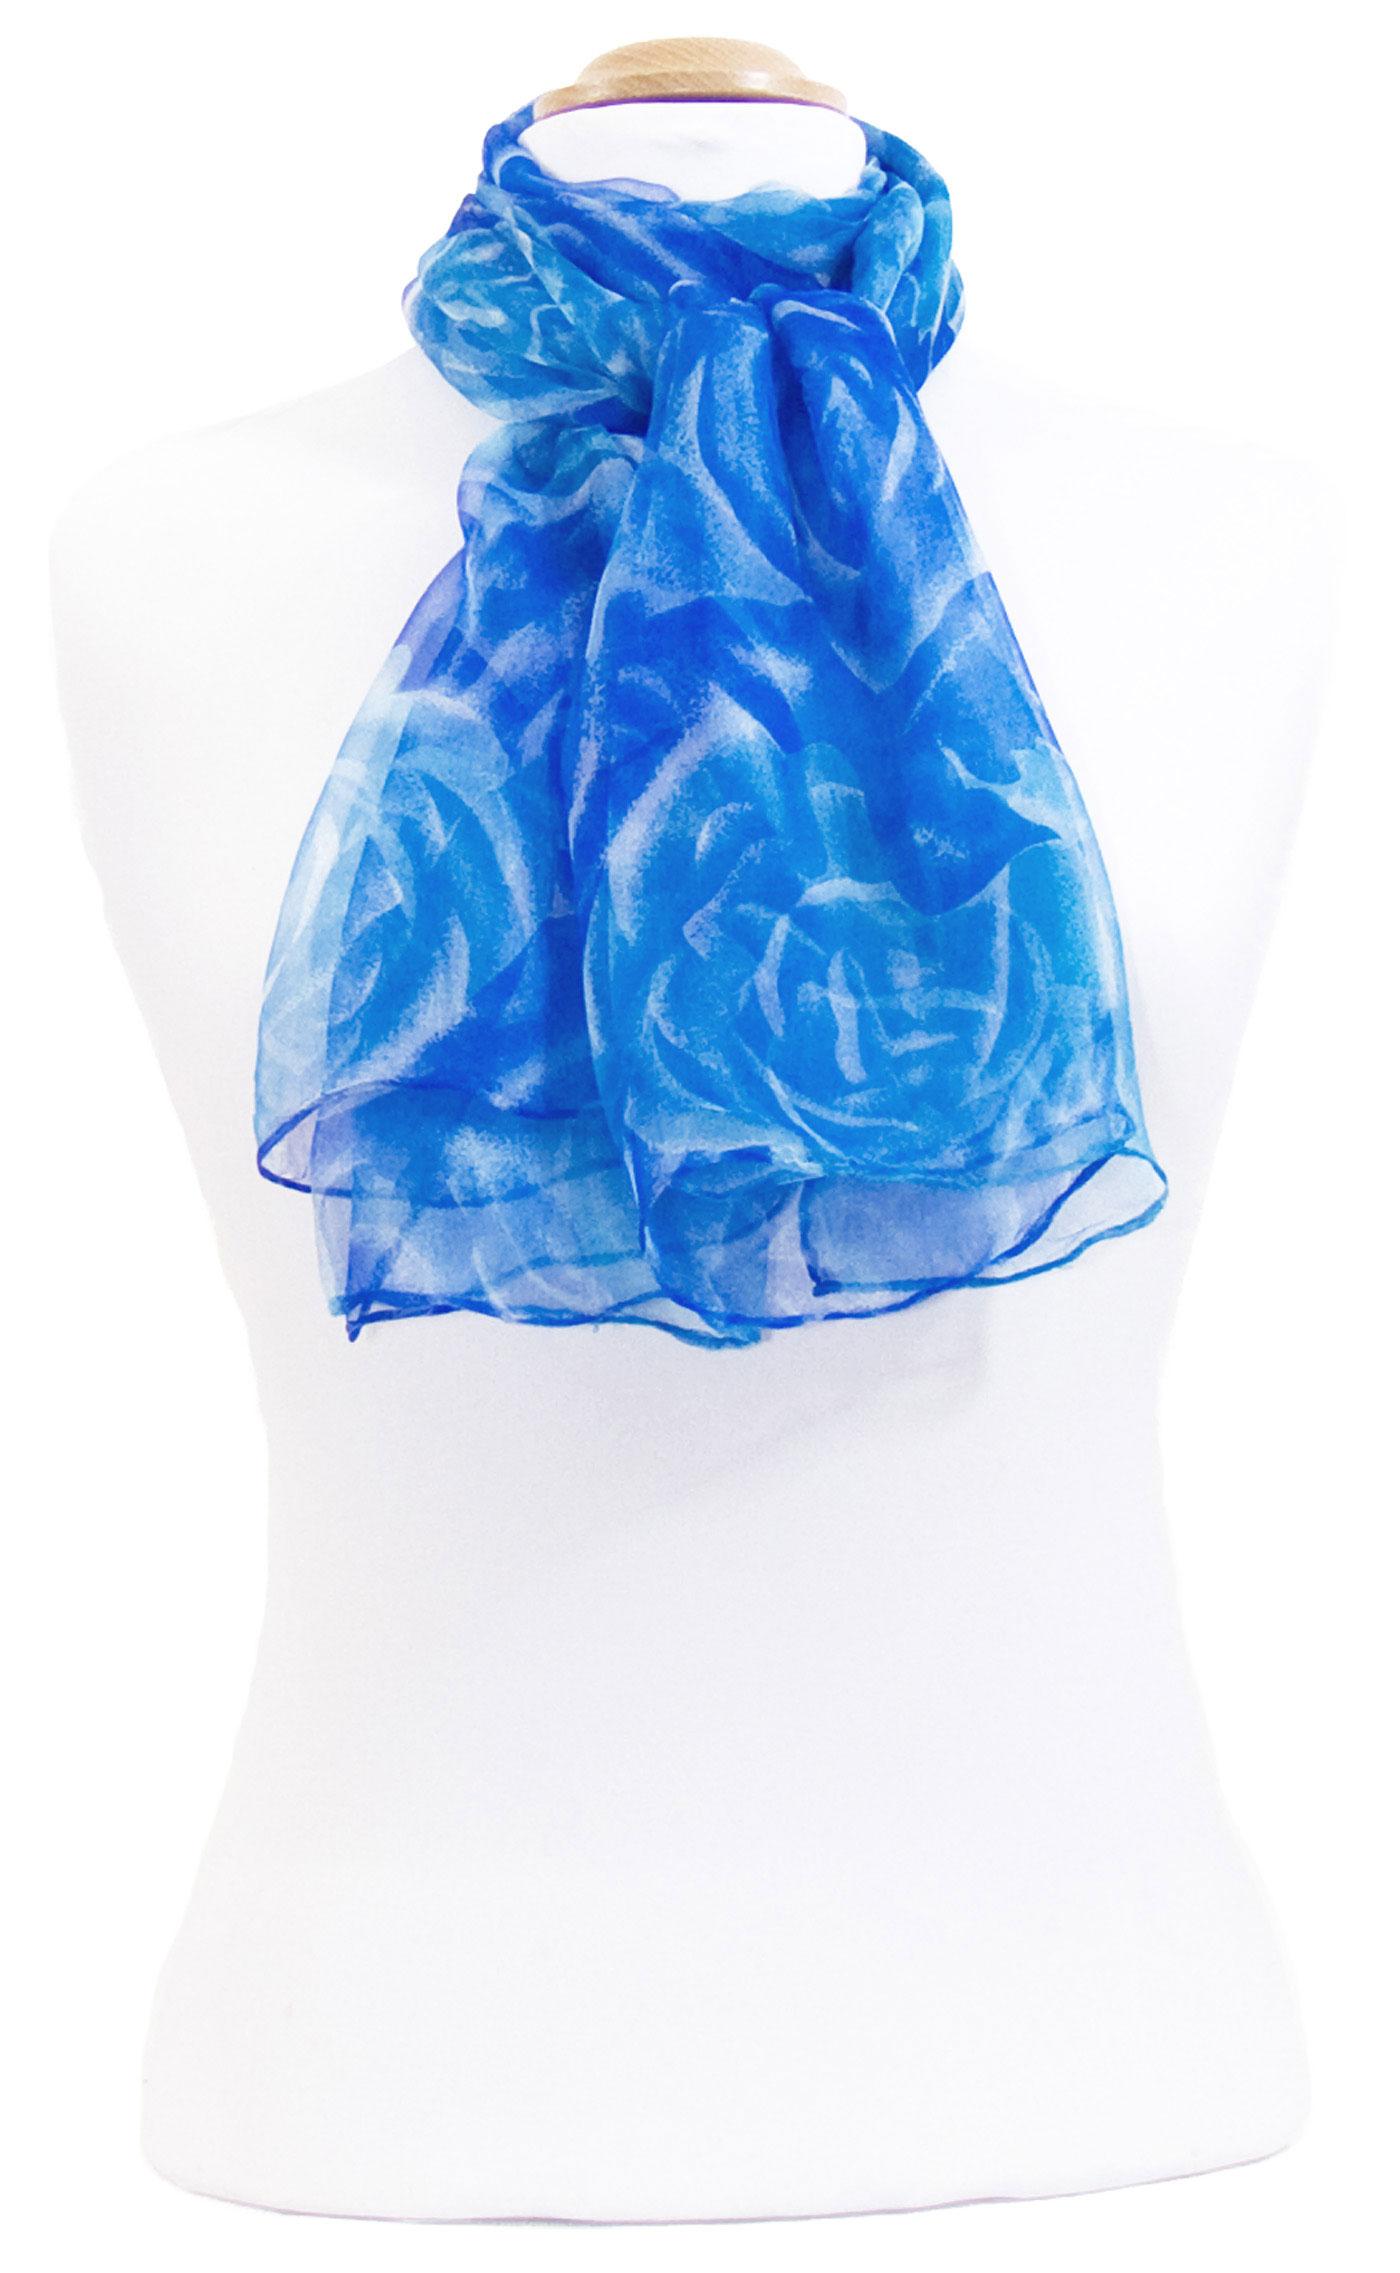 a5c689bb6a5c Foulard mousseline de soie bleu Rosa - Matière Foulard mousseline de soie -  Mes Echarpes